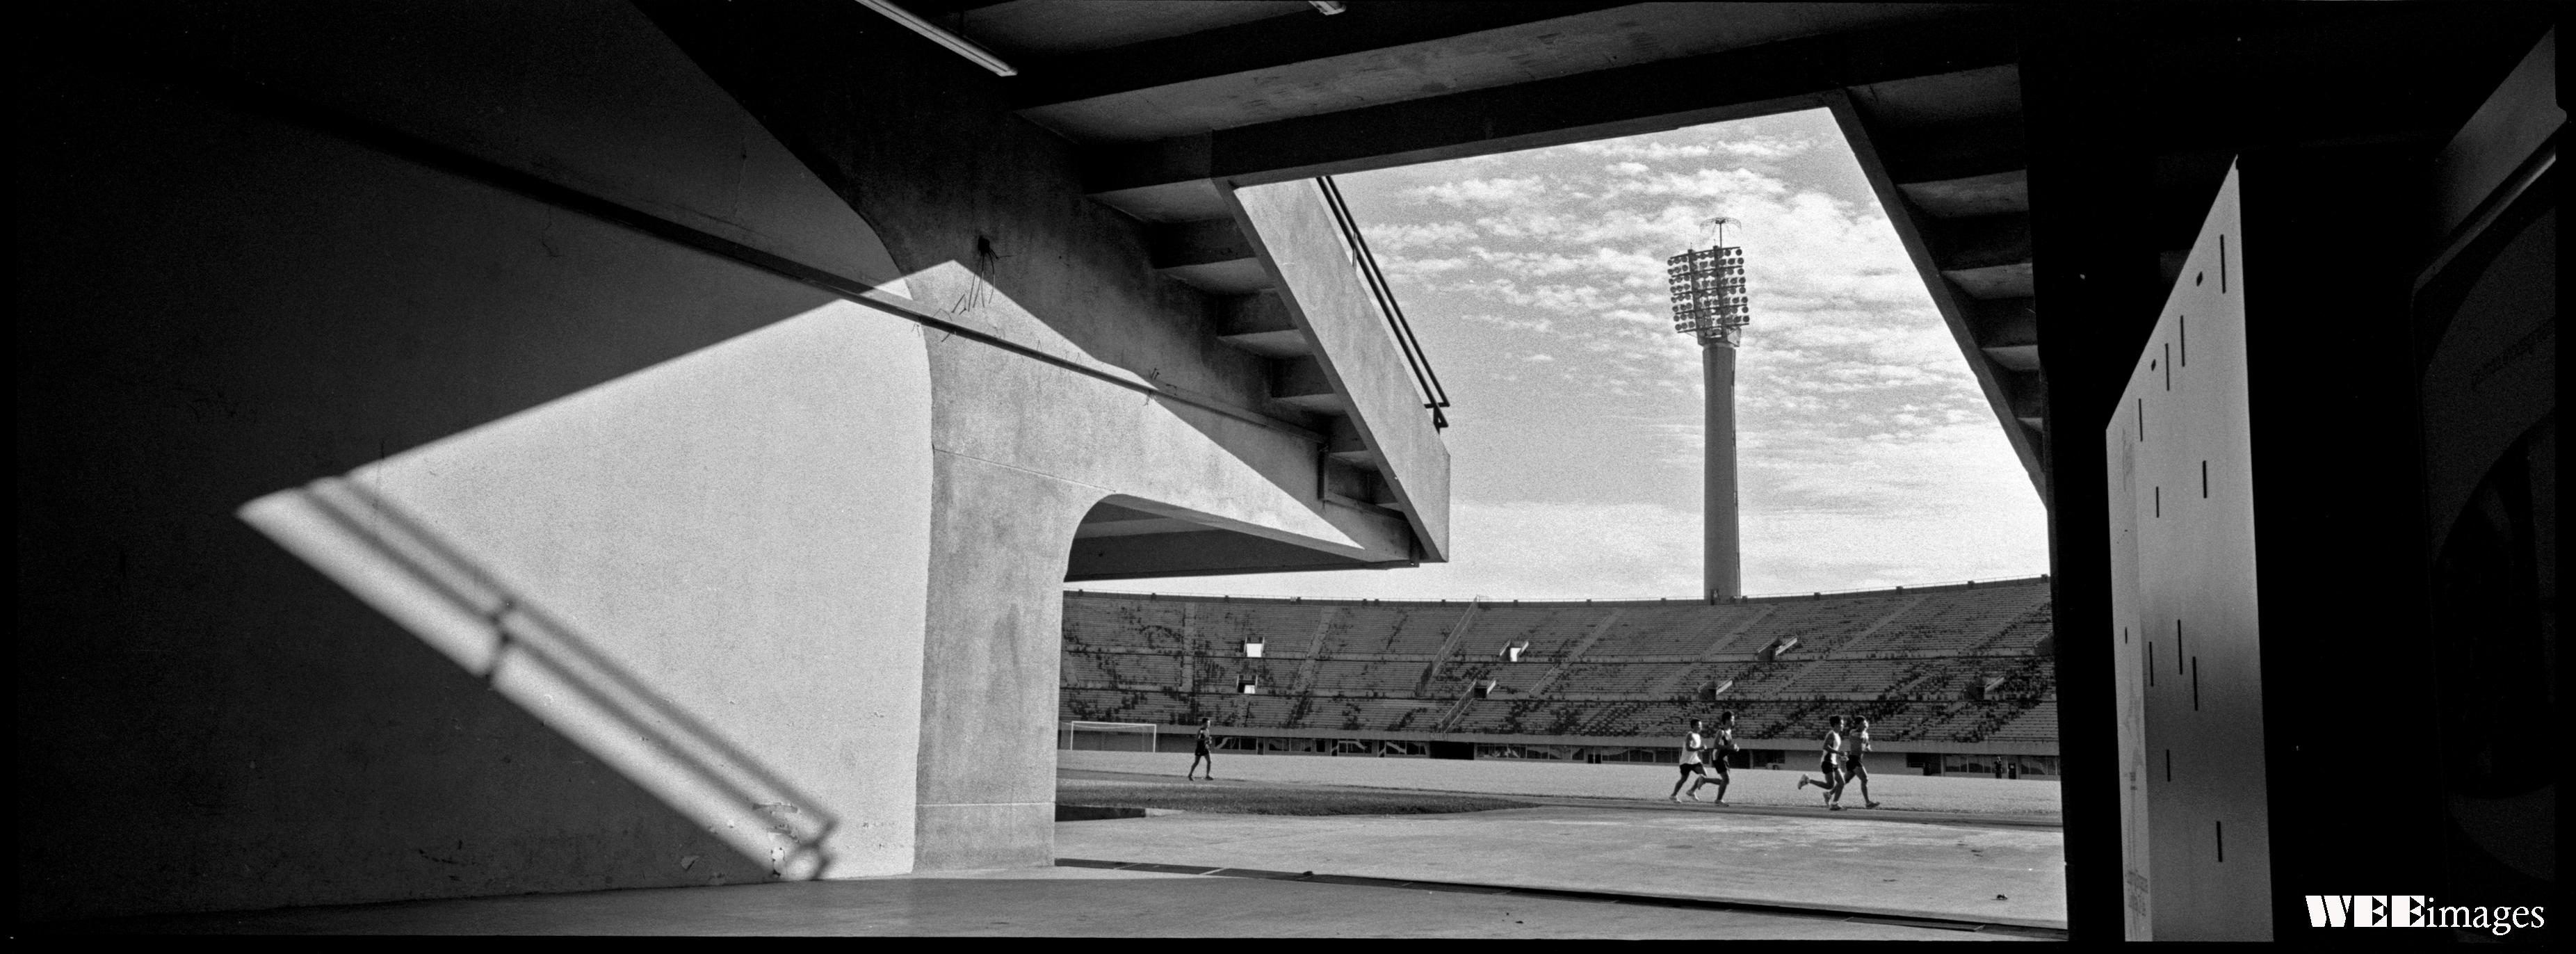 stadium21